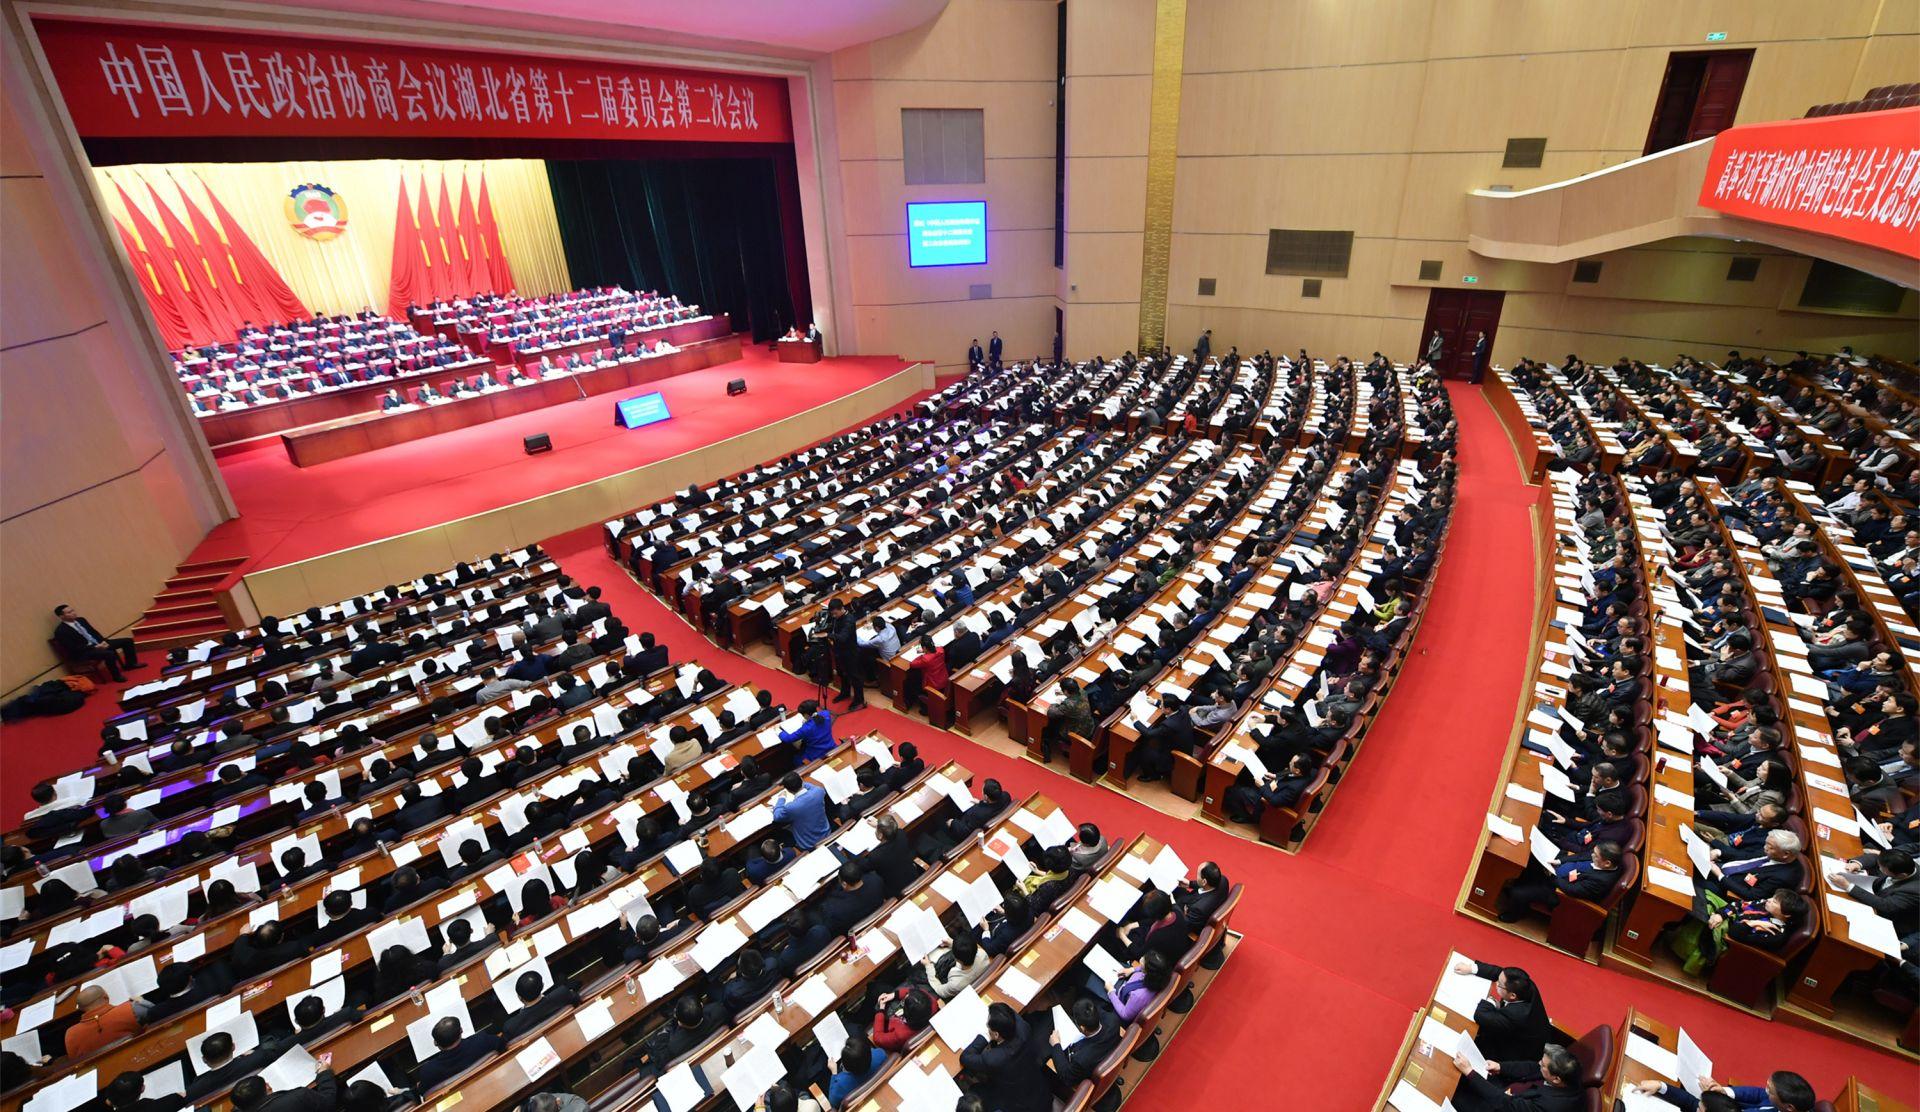 省政协十二届二次会议闭幕现场高清图来了